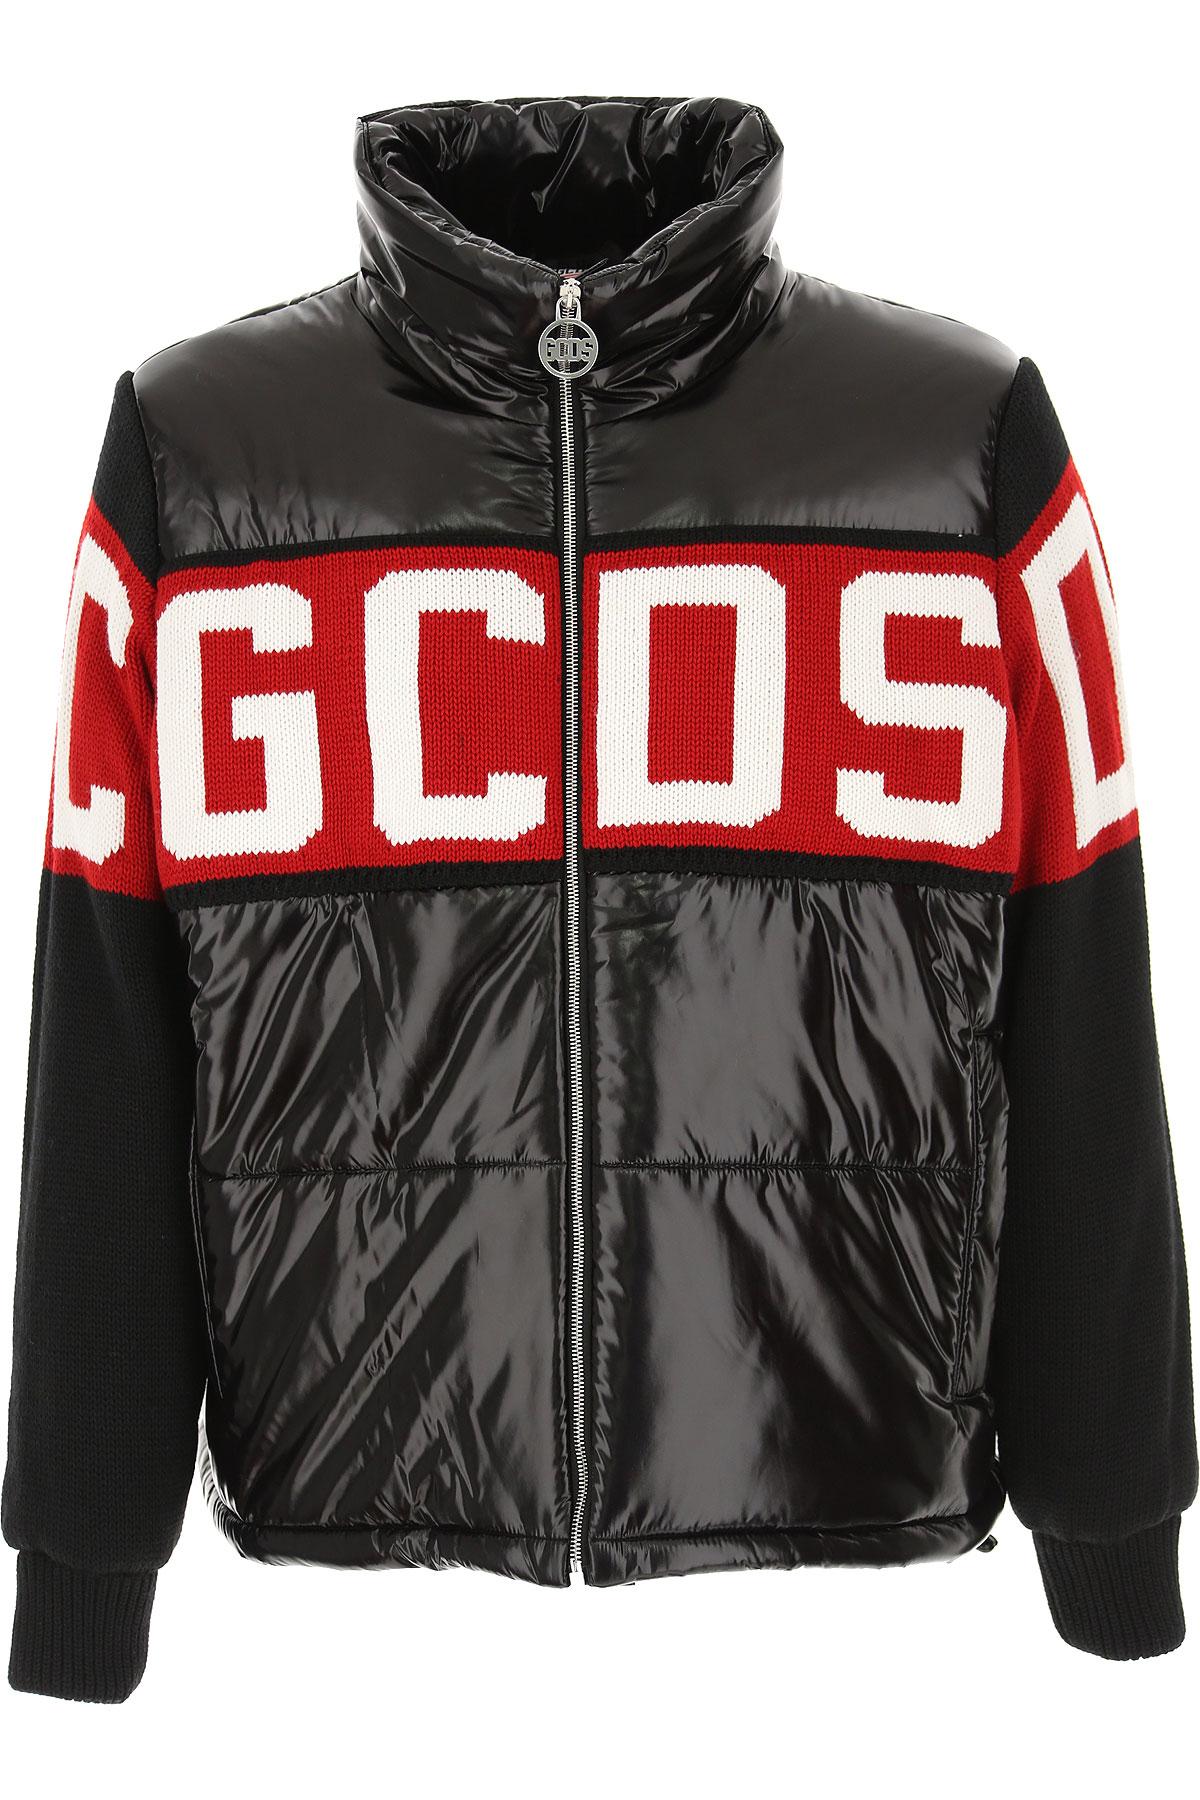 GCDS Jacket for Men On Sale, Black, polyamide, 2019, L M